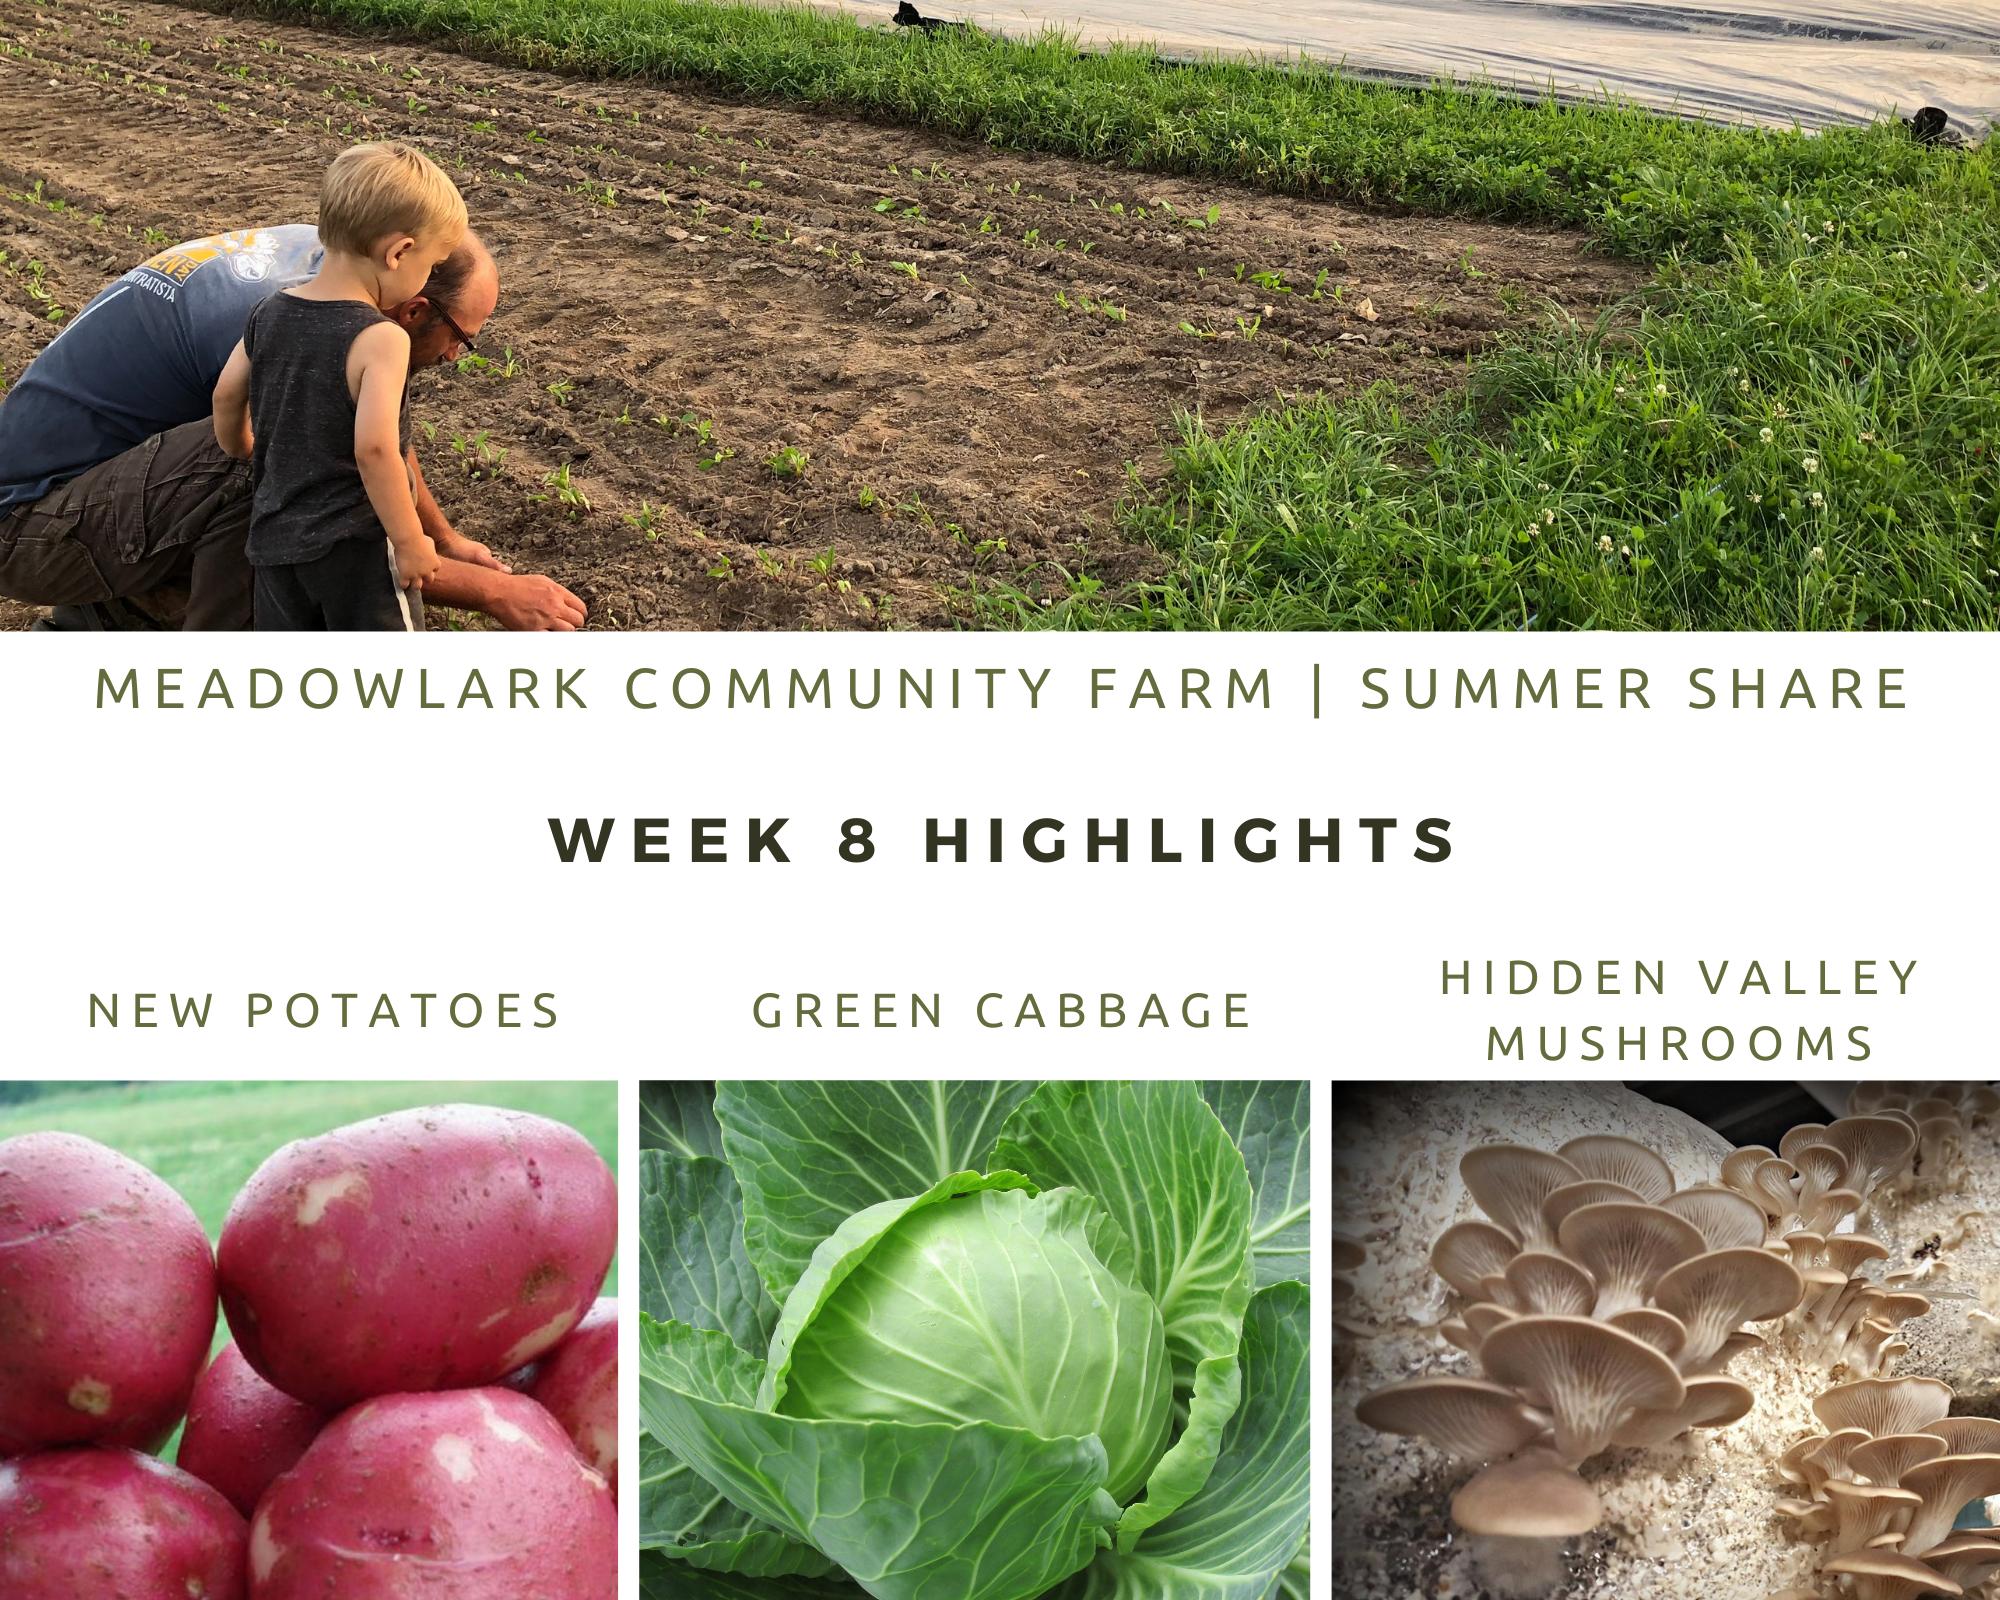 Summer Share: Week 8